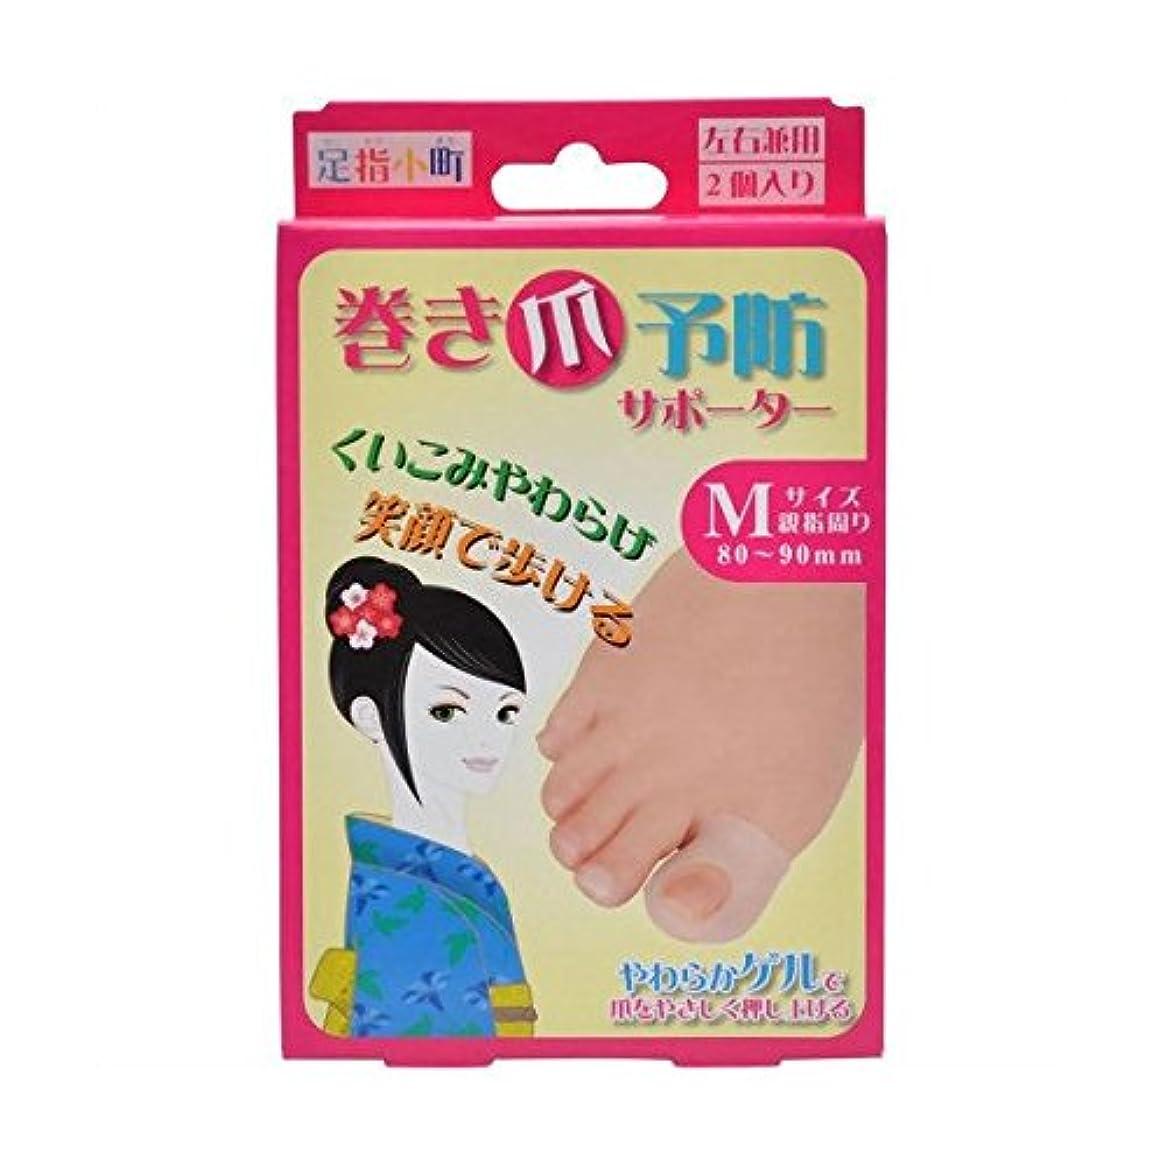 神経障害争う無効にする足指小町 巻き爪予防サポーター M 2個入